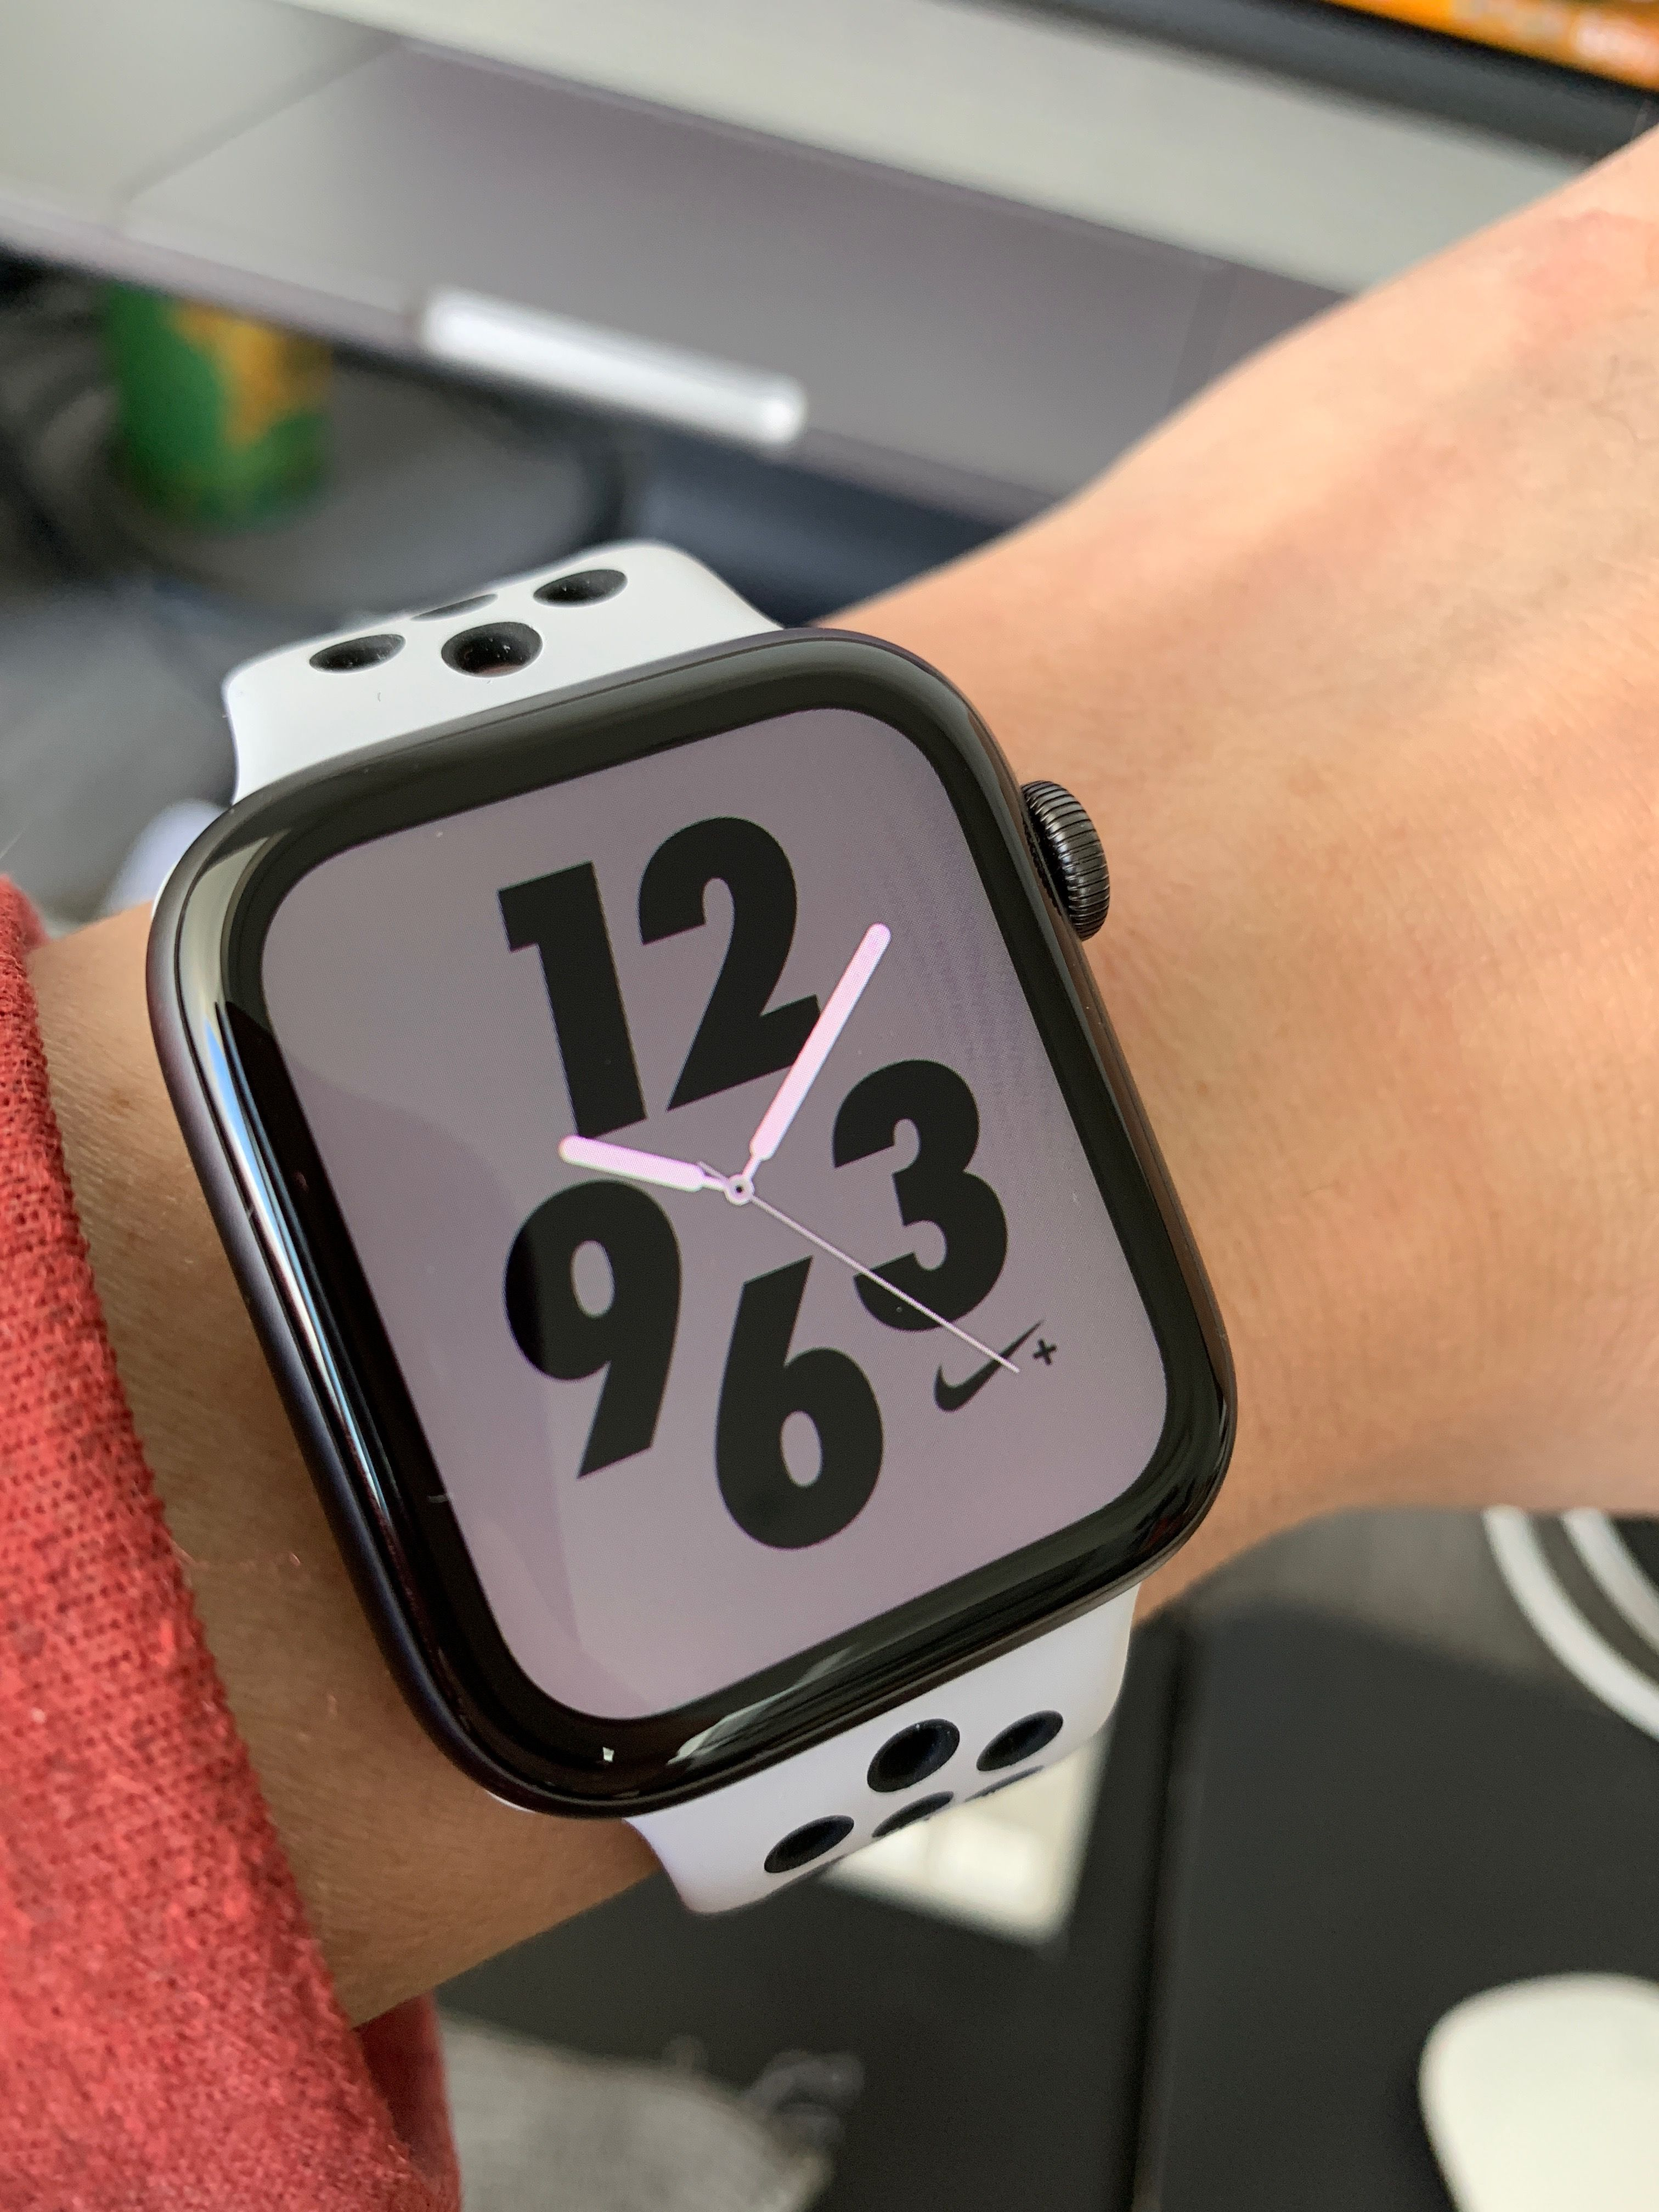 Stratford on Avon crisis autoridad  Apple Watch Nike+ ⌚️Series 4 | Apple watch nike, Apple watch, Buy apple  watch